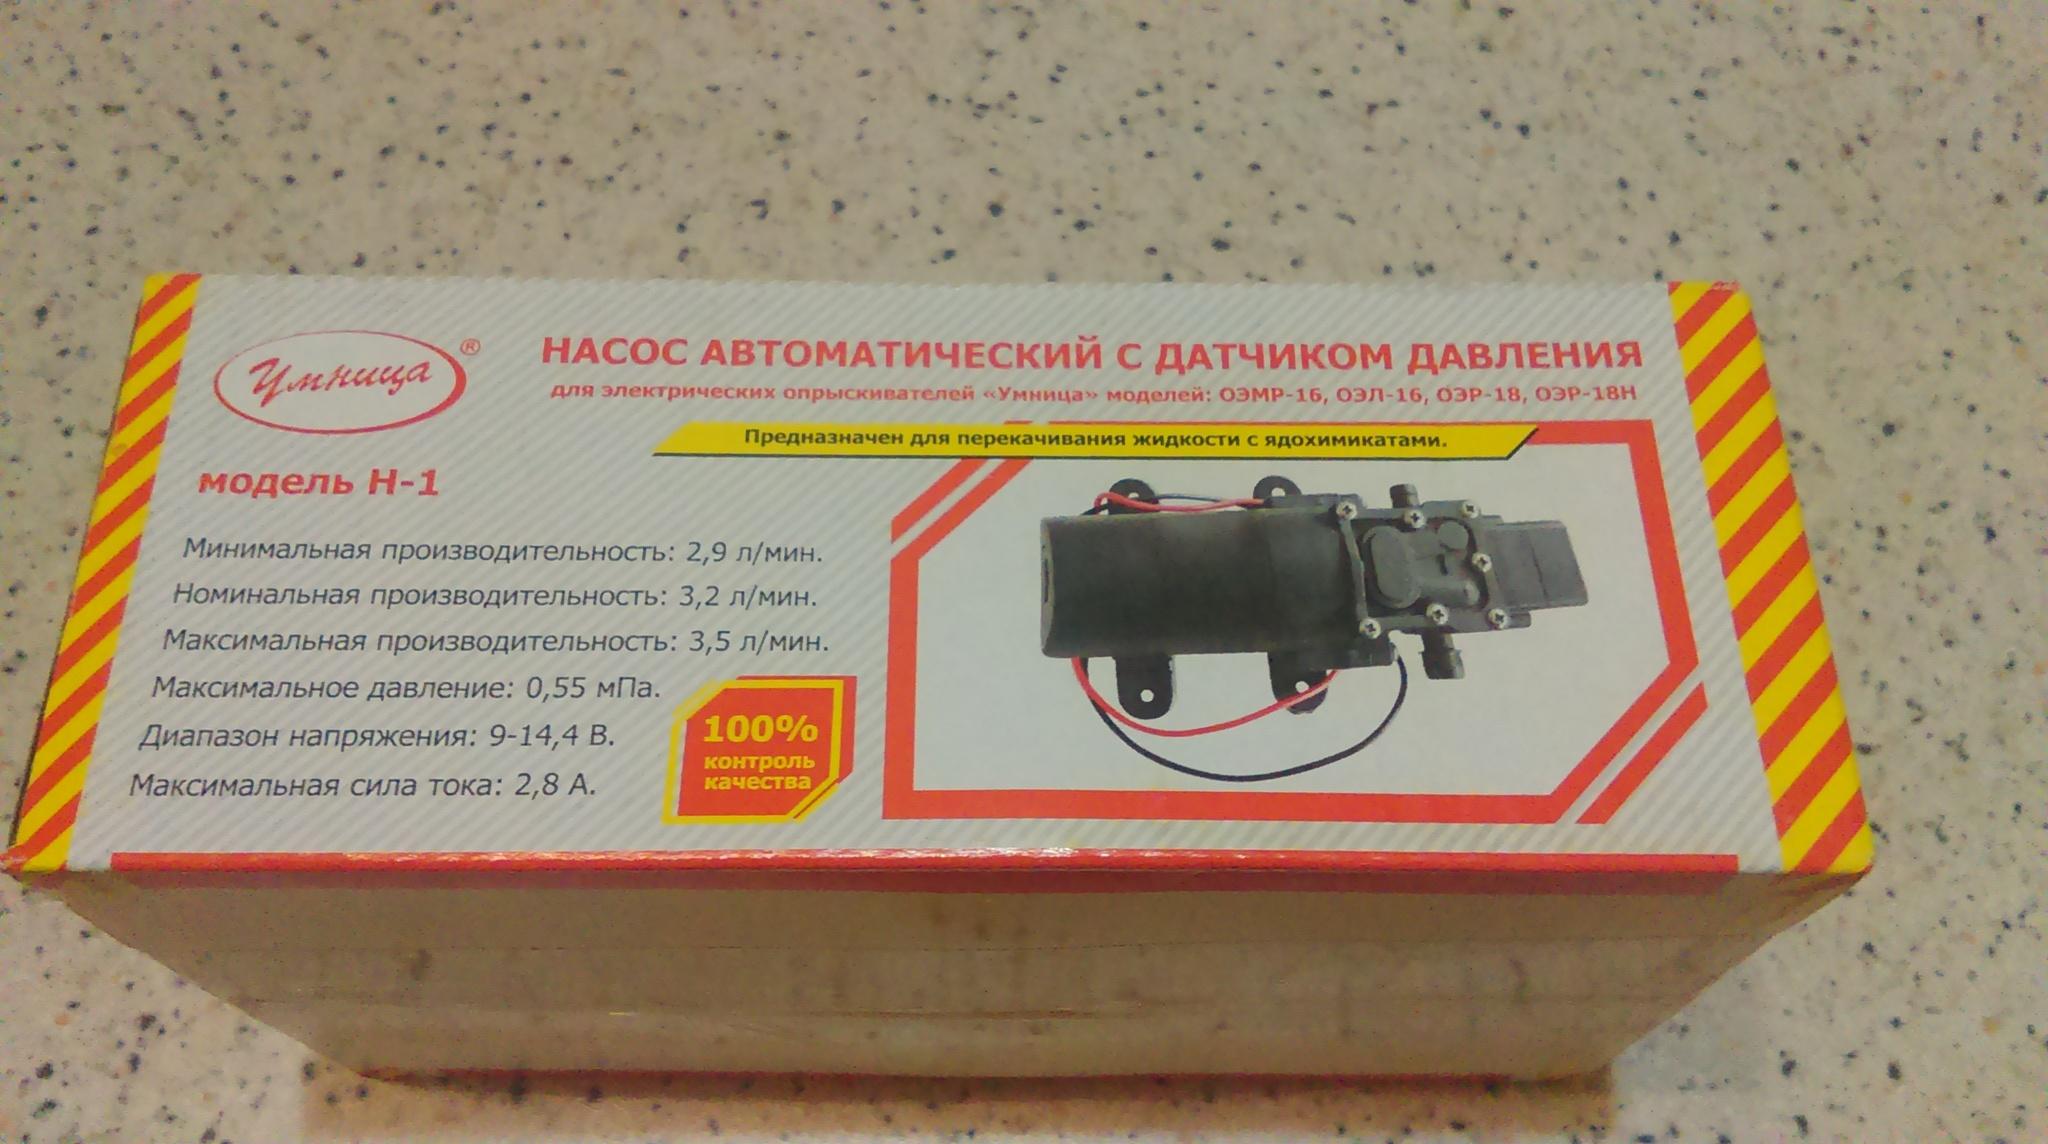 Насос автоматический с датчиком давления модели Н-1 для опрыскивателей Комфорт (Умница) ОЭМР-16 и ОЭЛ-16 цена